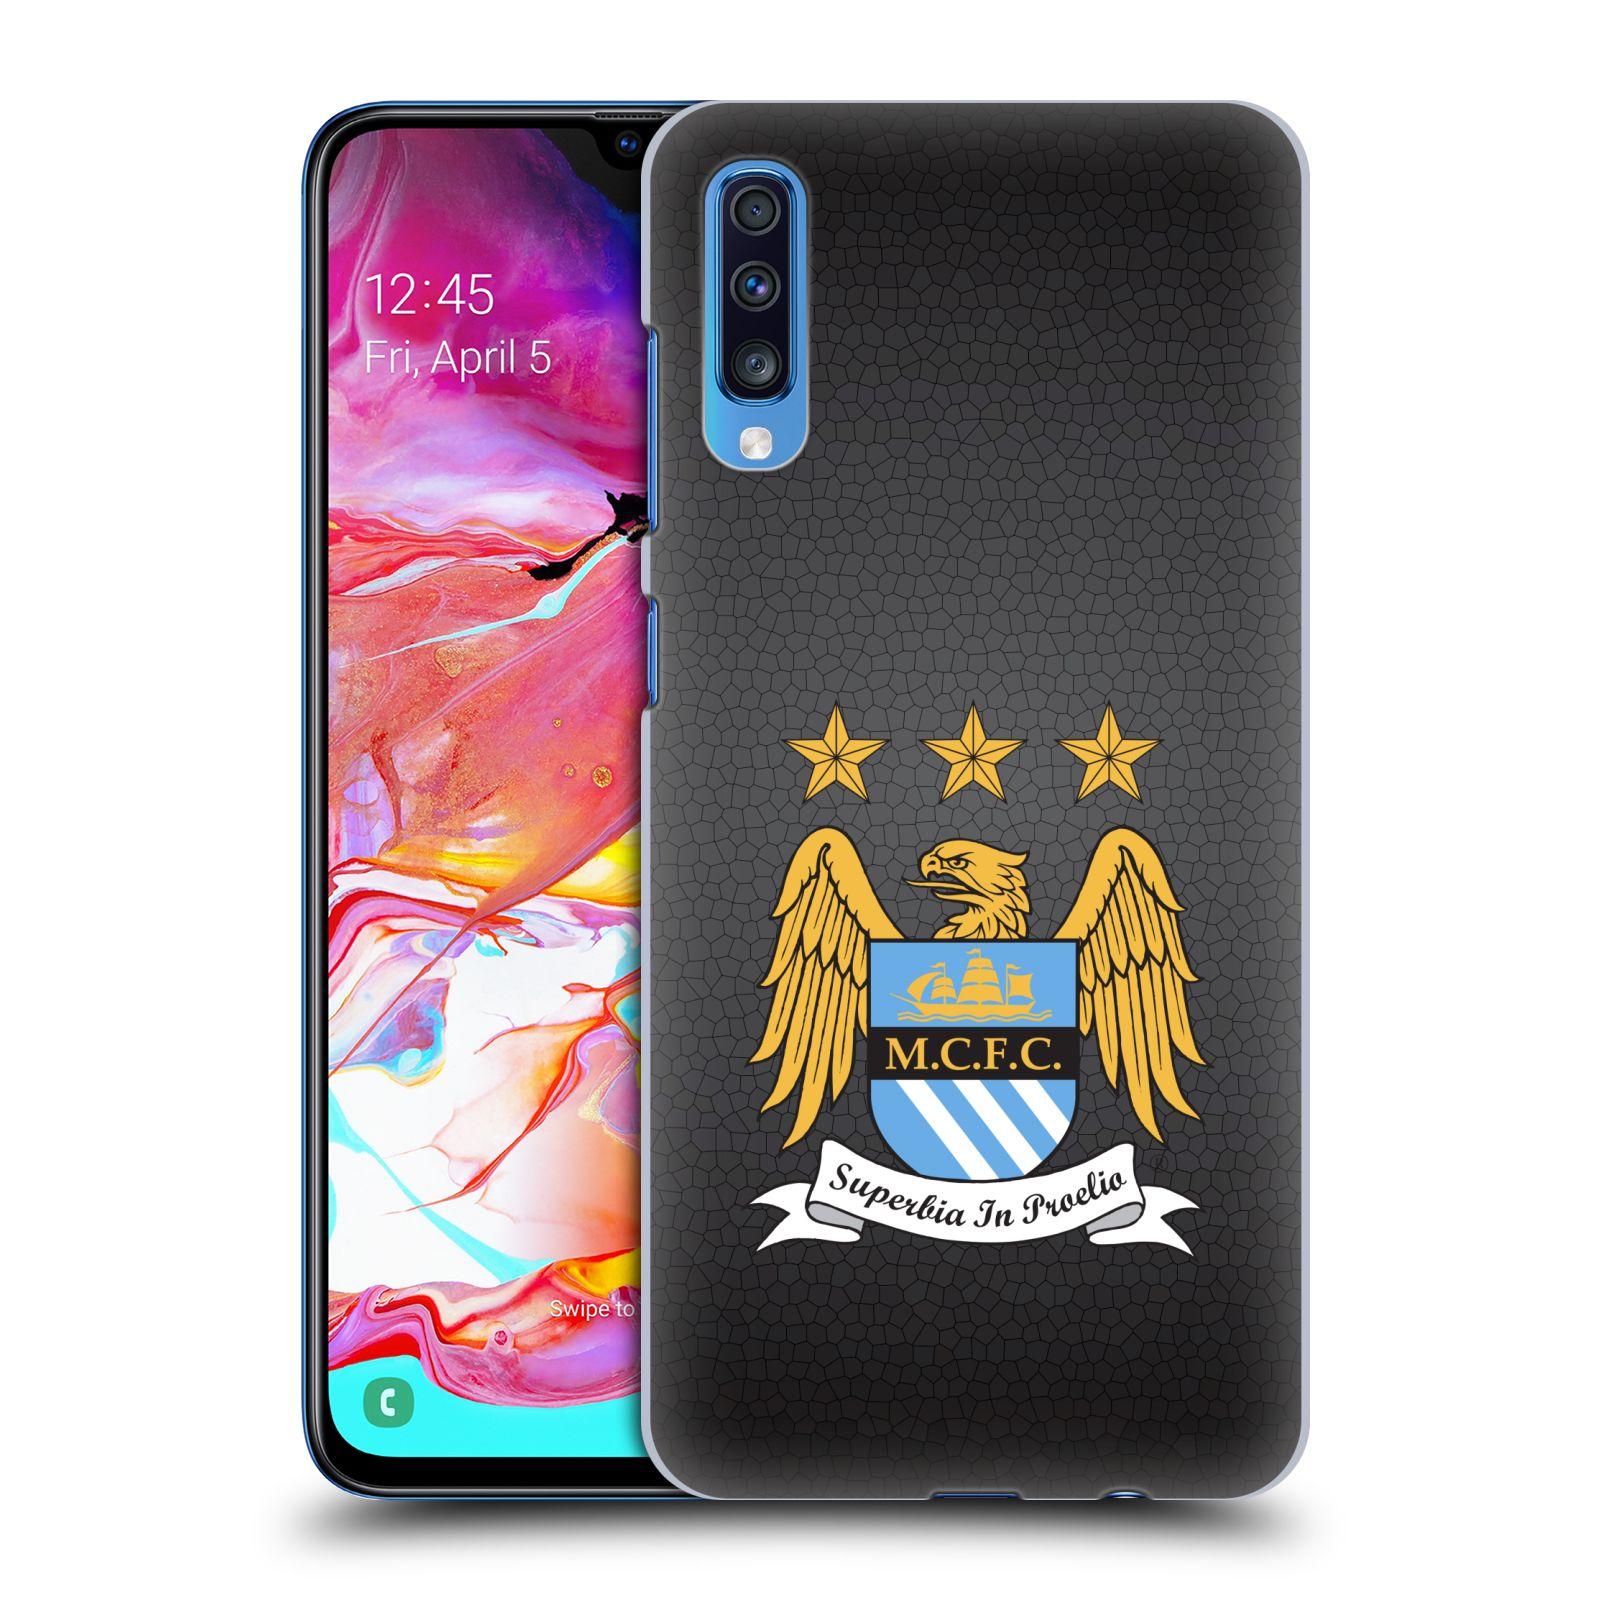 Plastové pouzdro na mobil Samsung Galaxy A70 - Head Case - Manchester City FC - Superbia In Proelio